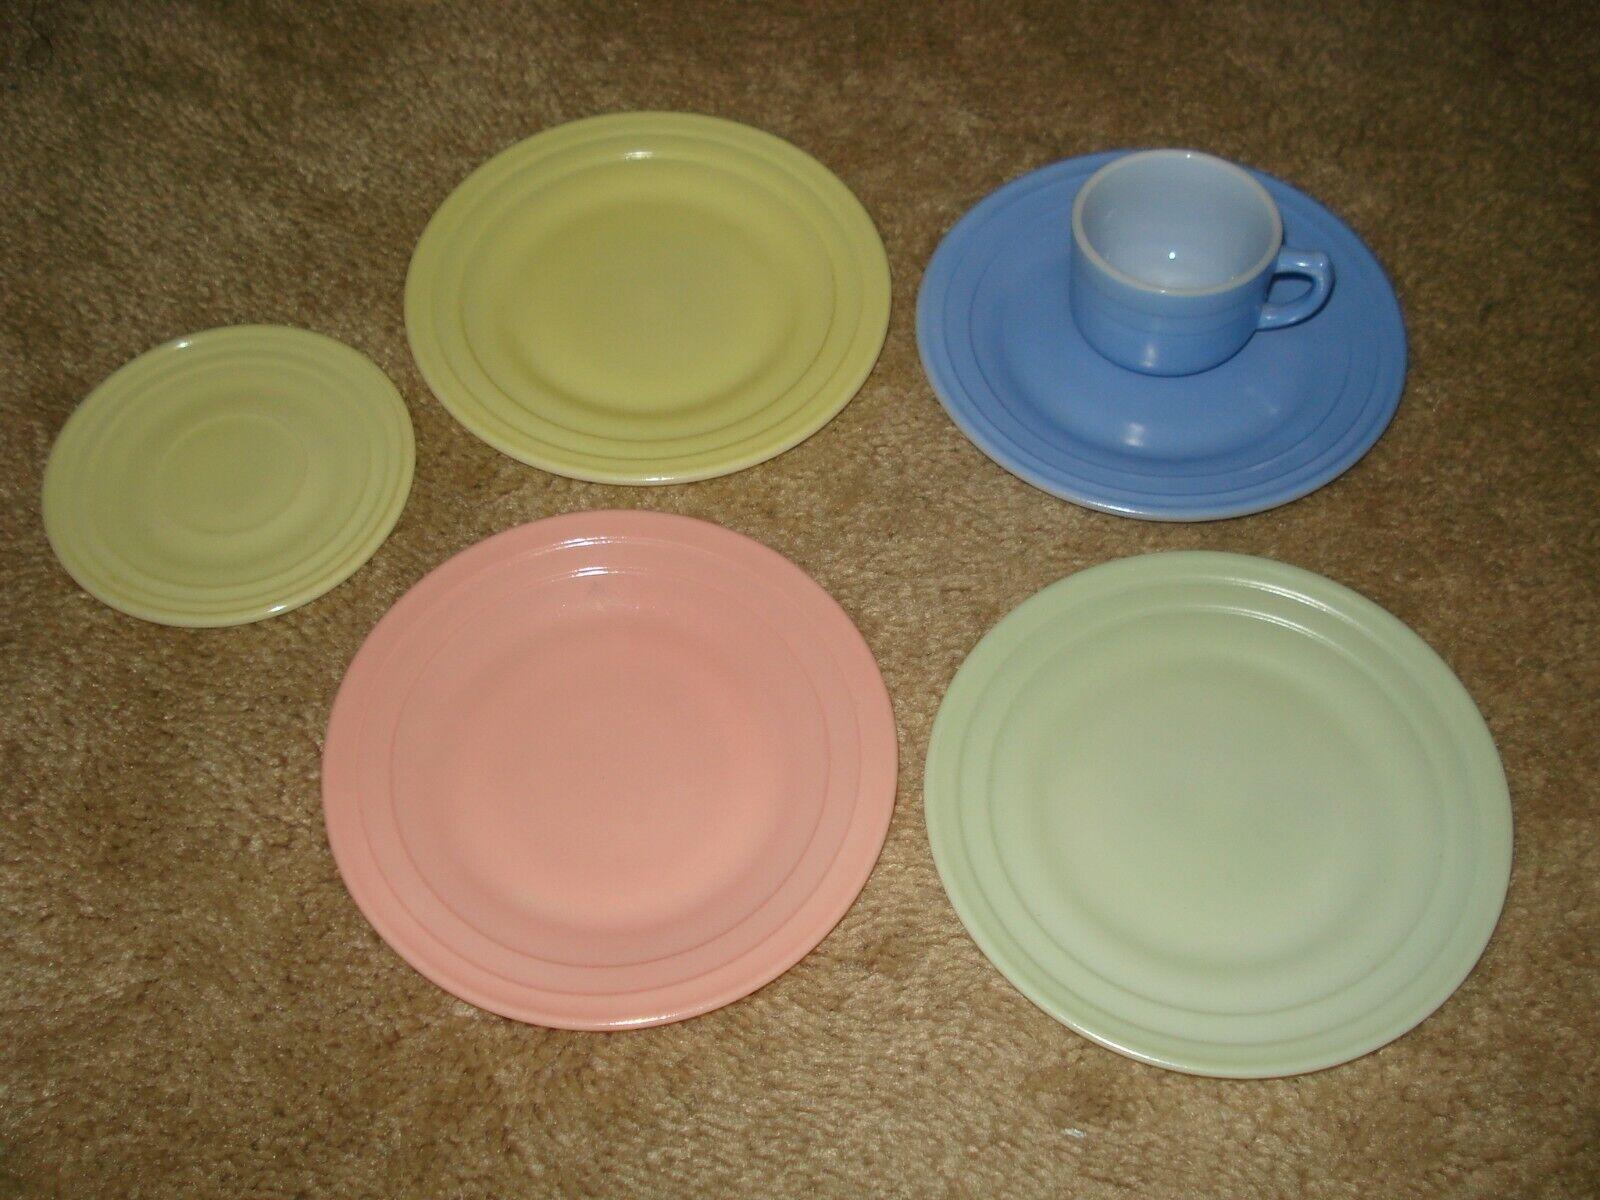 Vintage HAZEL ATLAS Milk Glass Childs Tea Set Pastel Cups Saucers Plate 6pc - $6.99